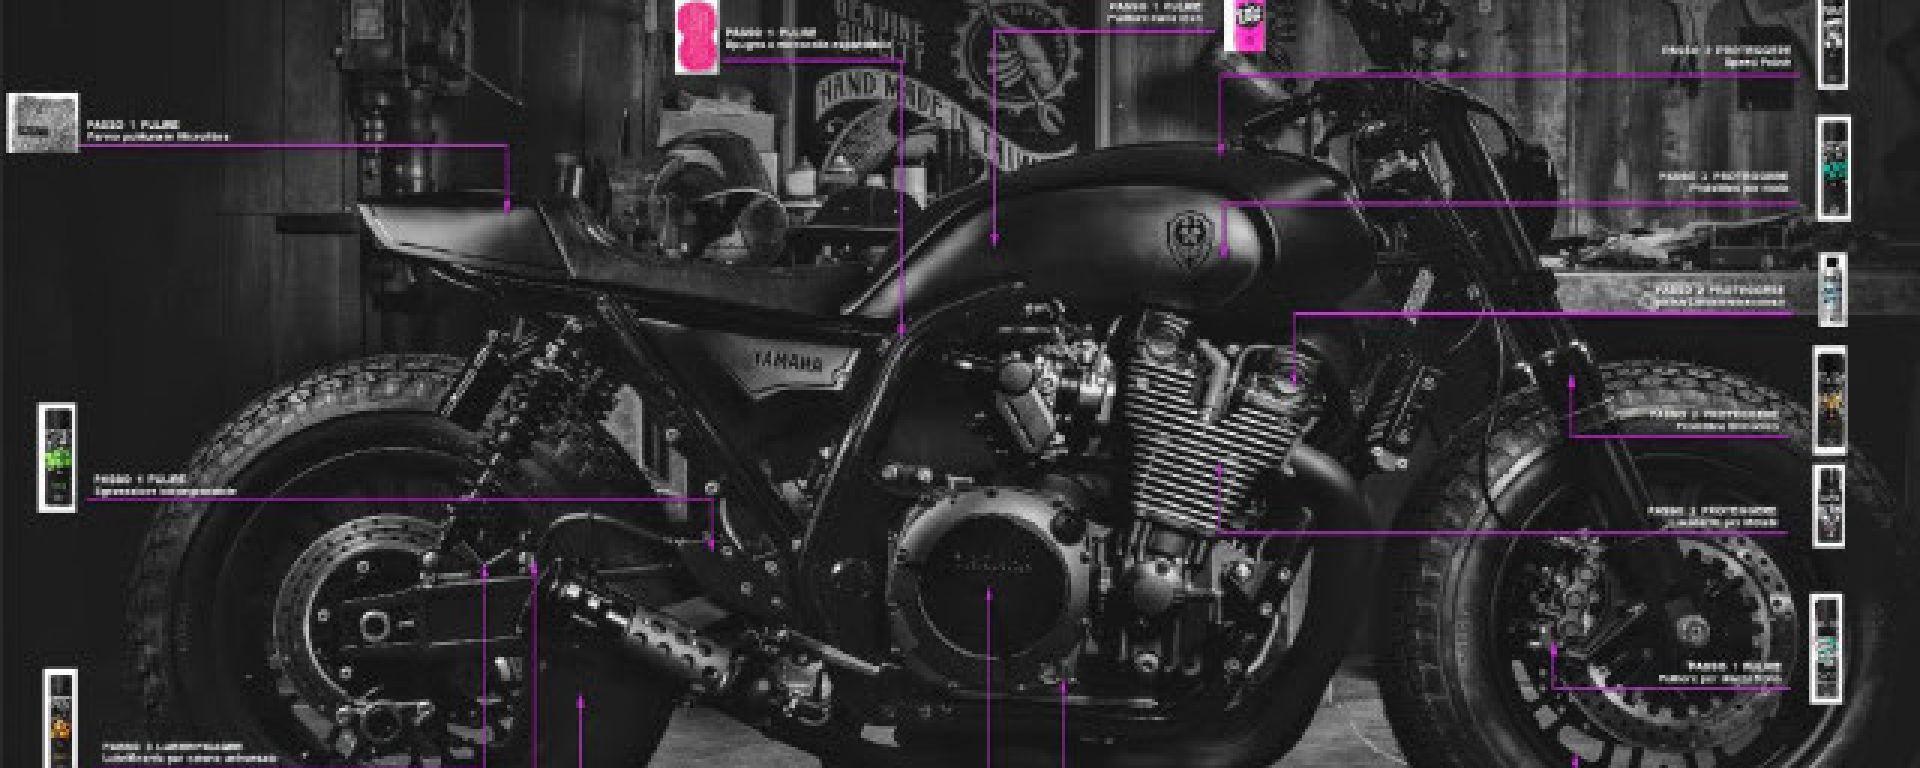 Muc-Off pulizia moto